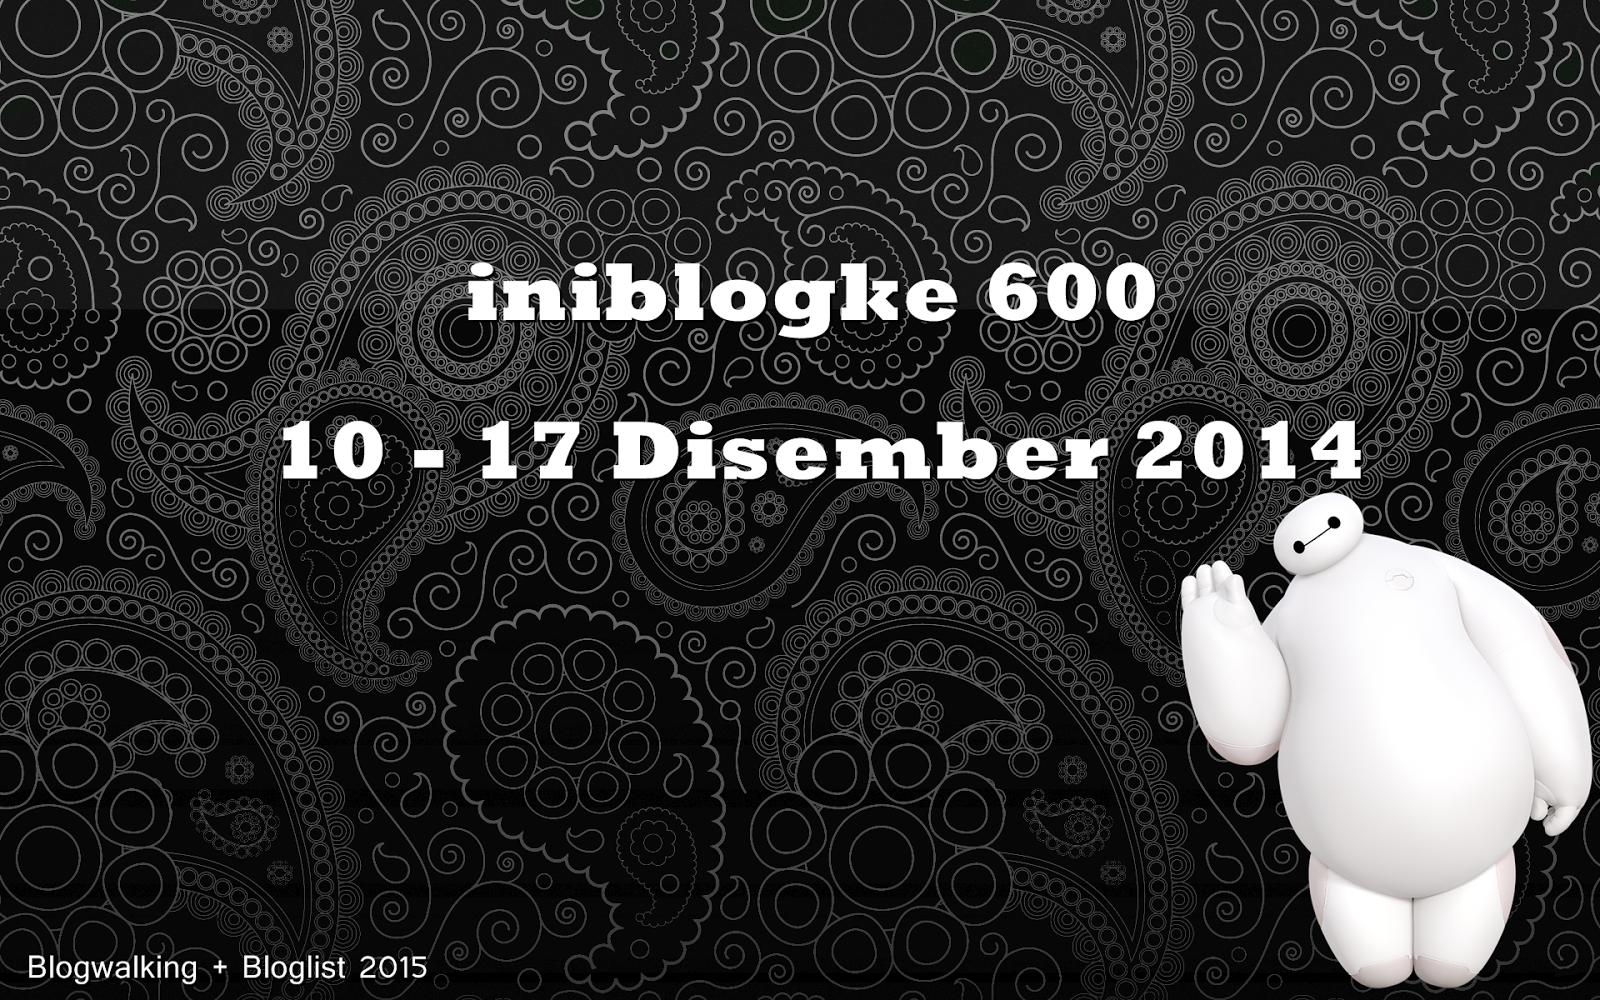 http://iniblogke.blogspot.com/2014/12/iniblogke-600-bloglist.html#.VIfKkTGUfGR